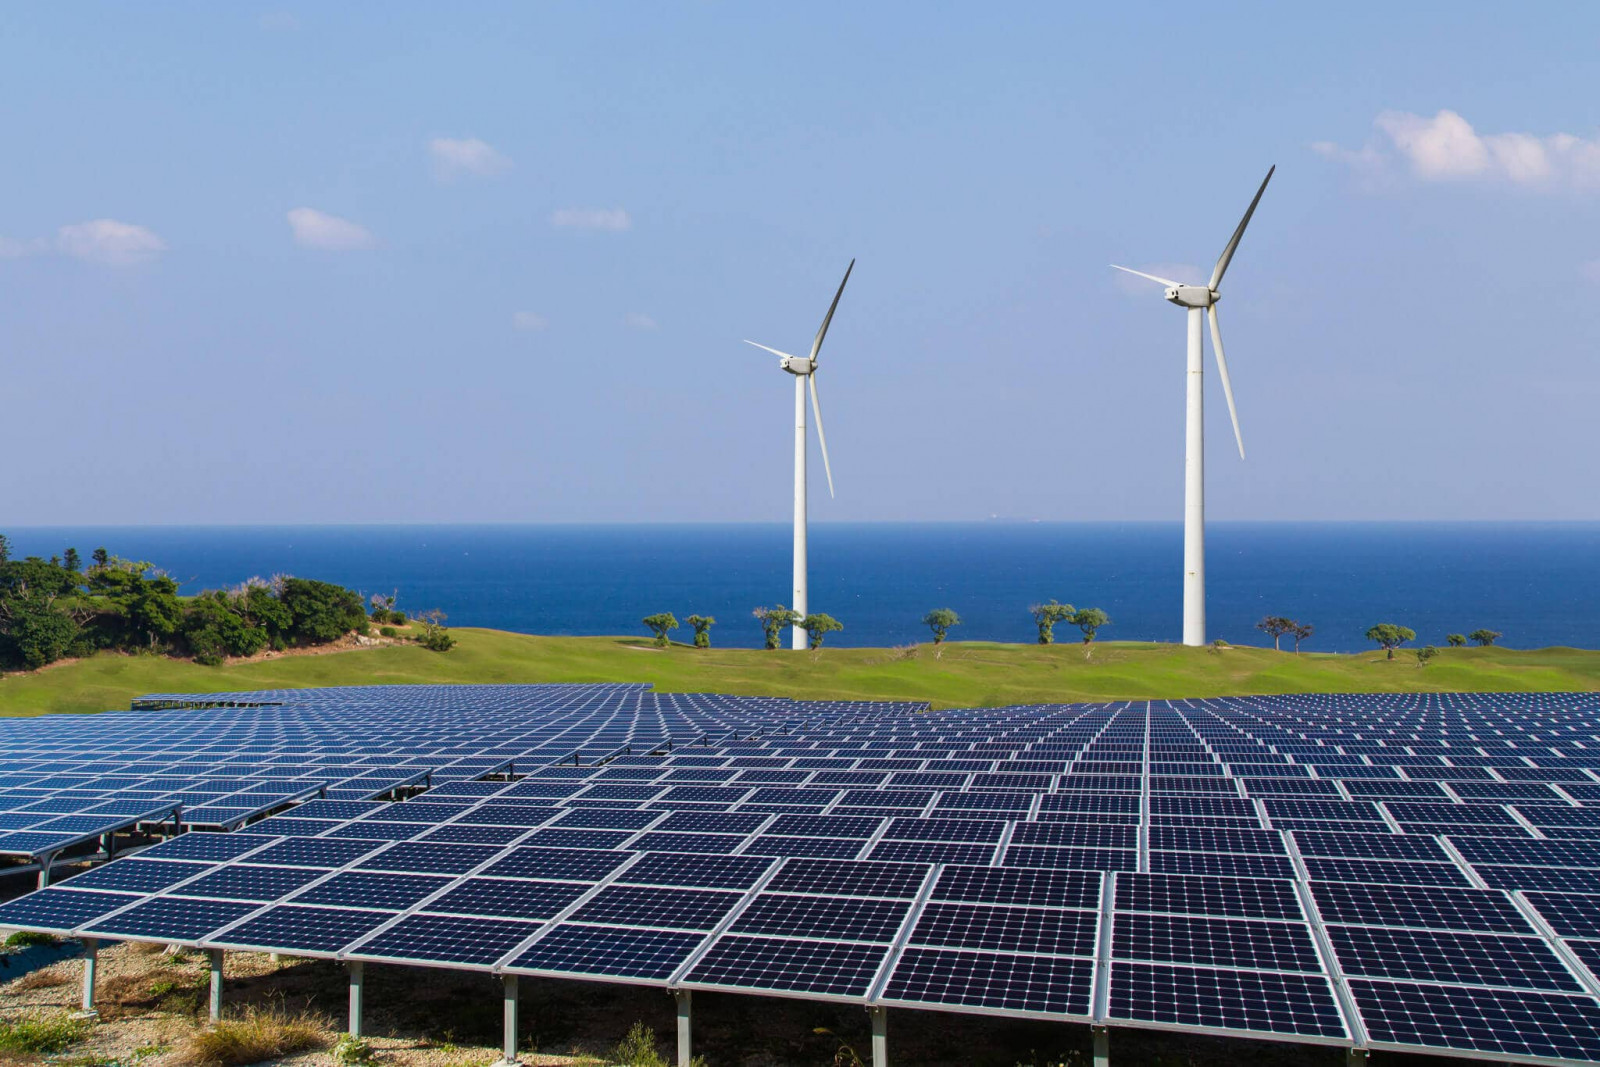 Phát triển các mô hình kinh tế xanh là bước đi tất yếu